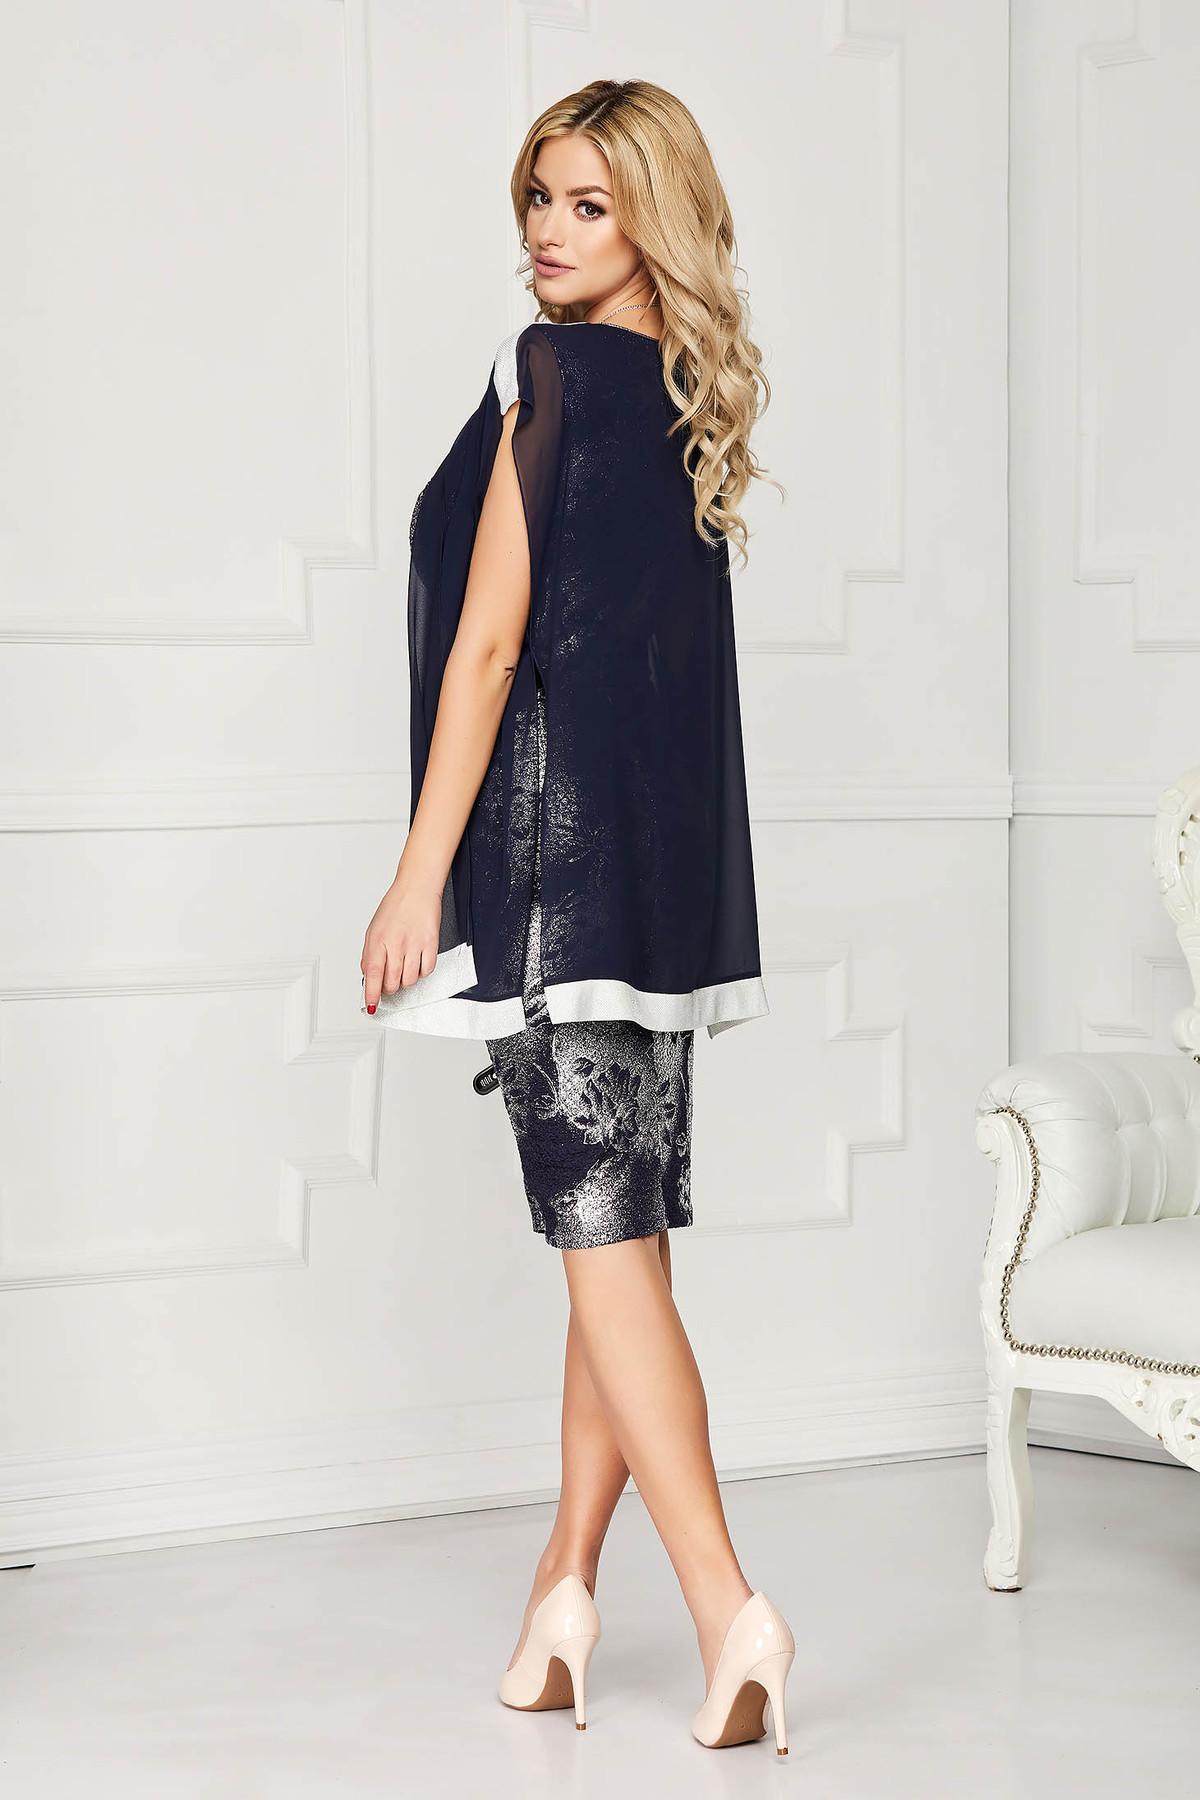 Rochie albastru-inchis eleganta cu un croi drept midi din material lucios cu suprapunere cu voal si cu imprimeu floral accesorizata cu lantisor